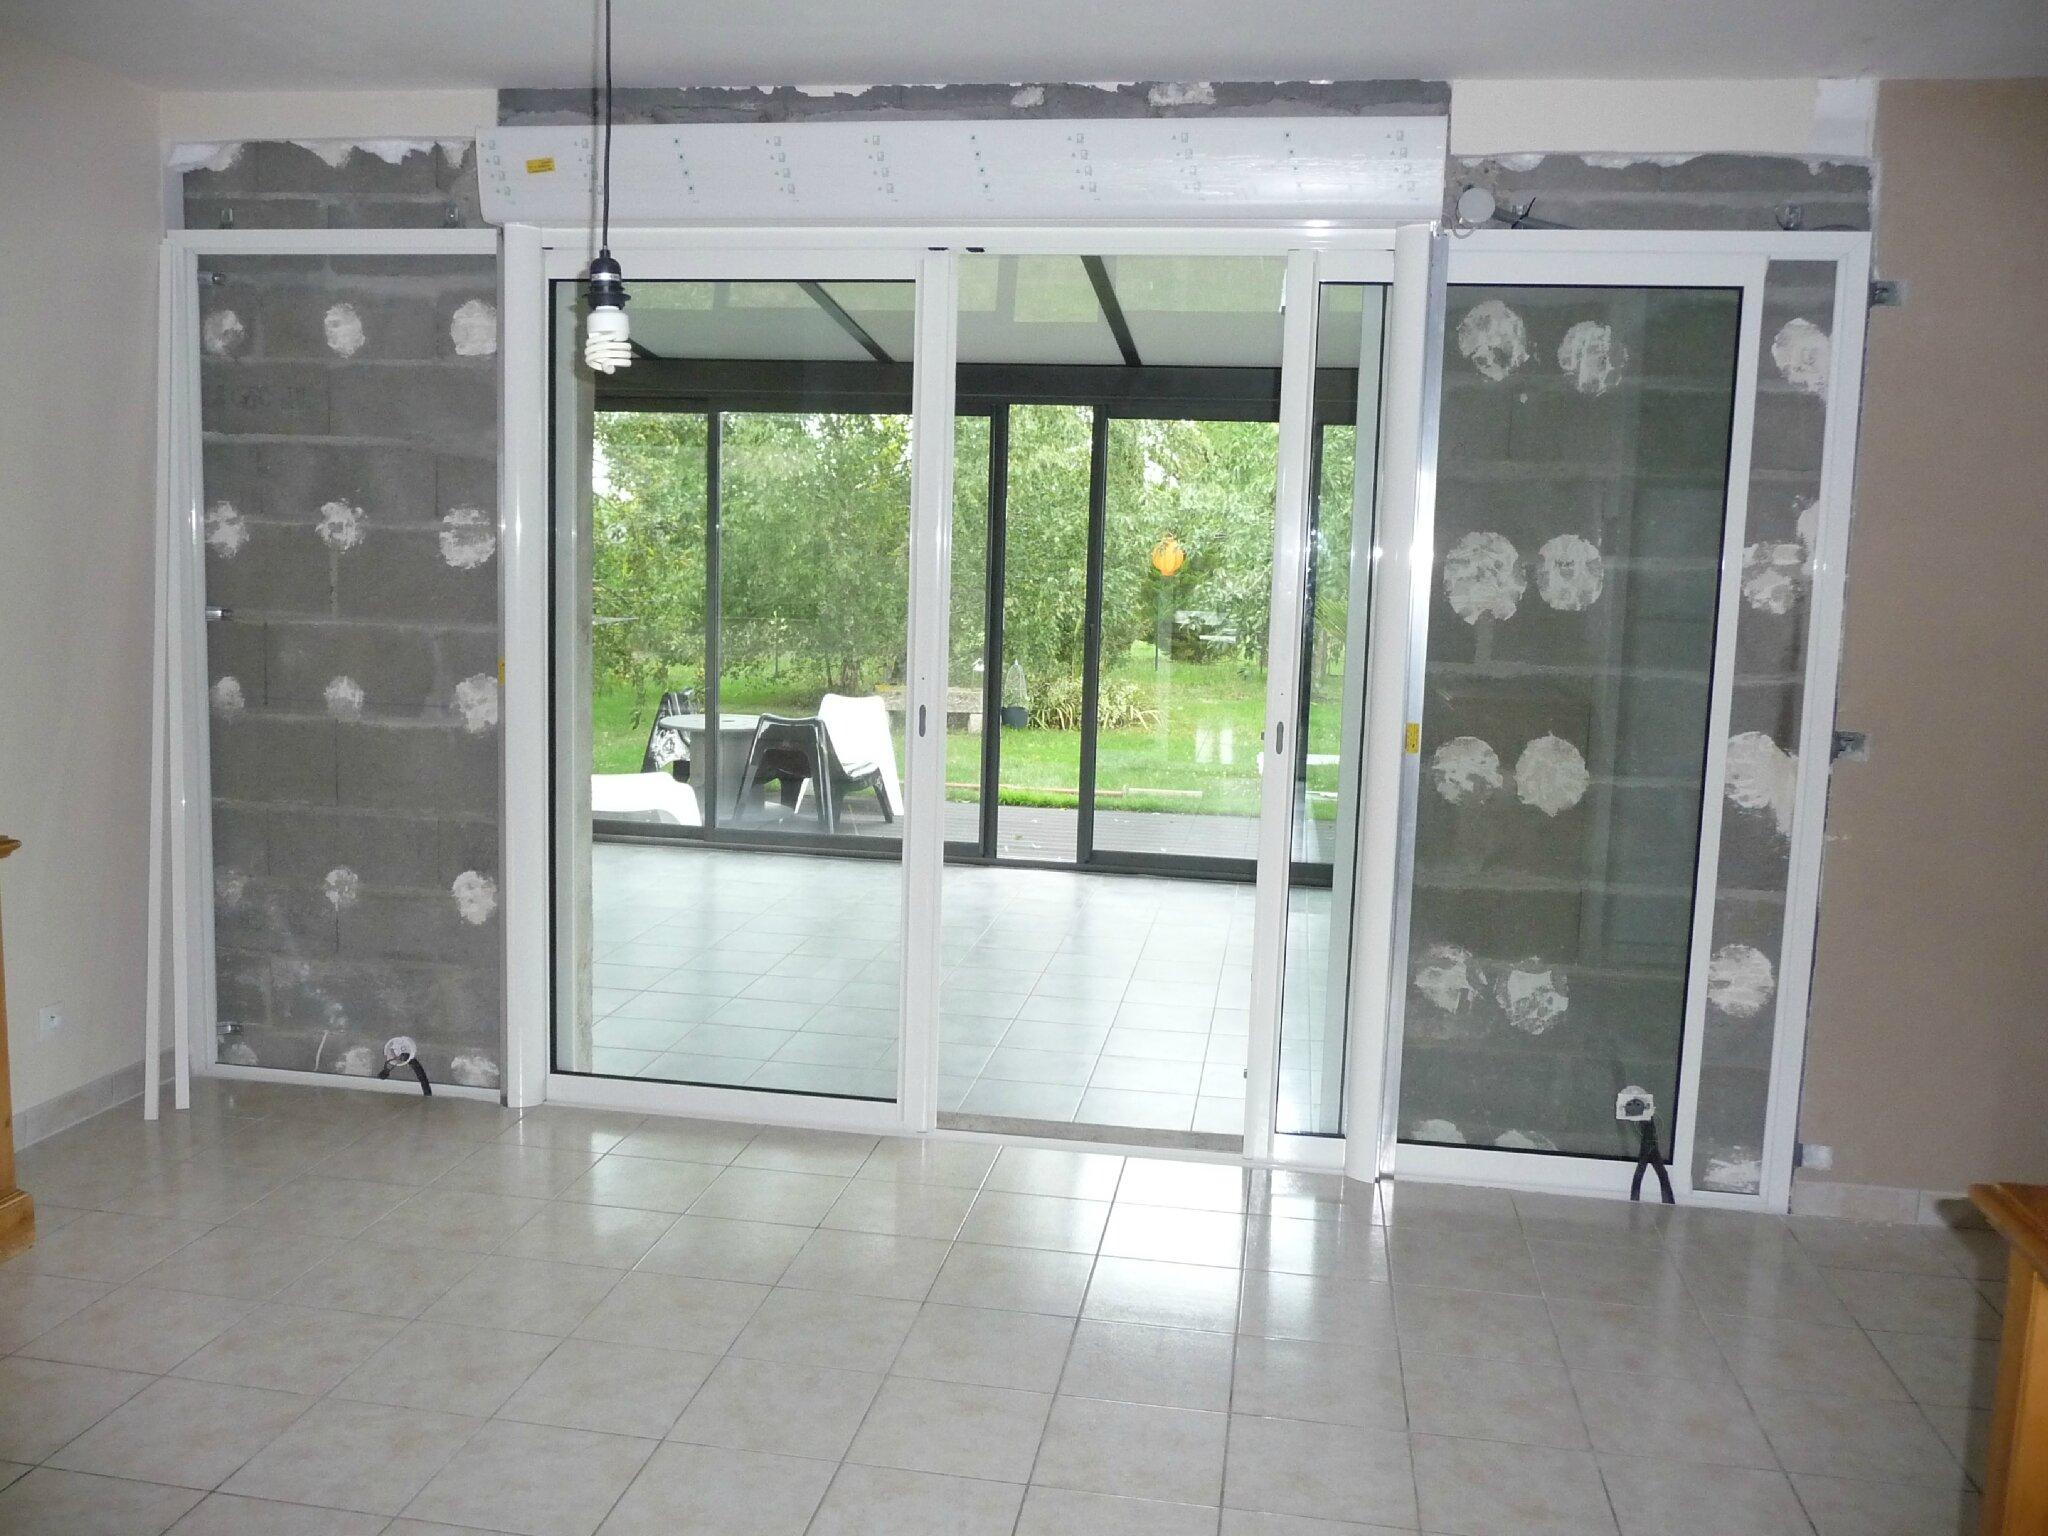 travaux quasiment finis mon atelier de gris et de broc. Black Bedroom Furniture Sets. Home Design Ideas